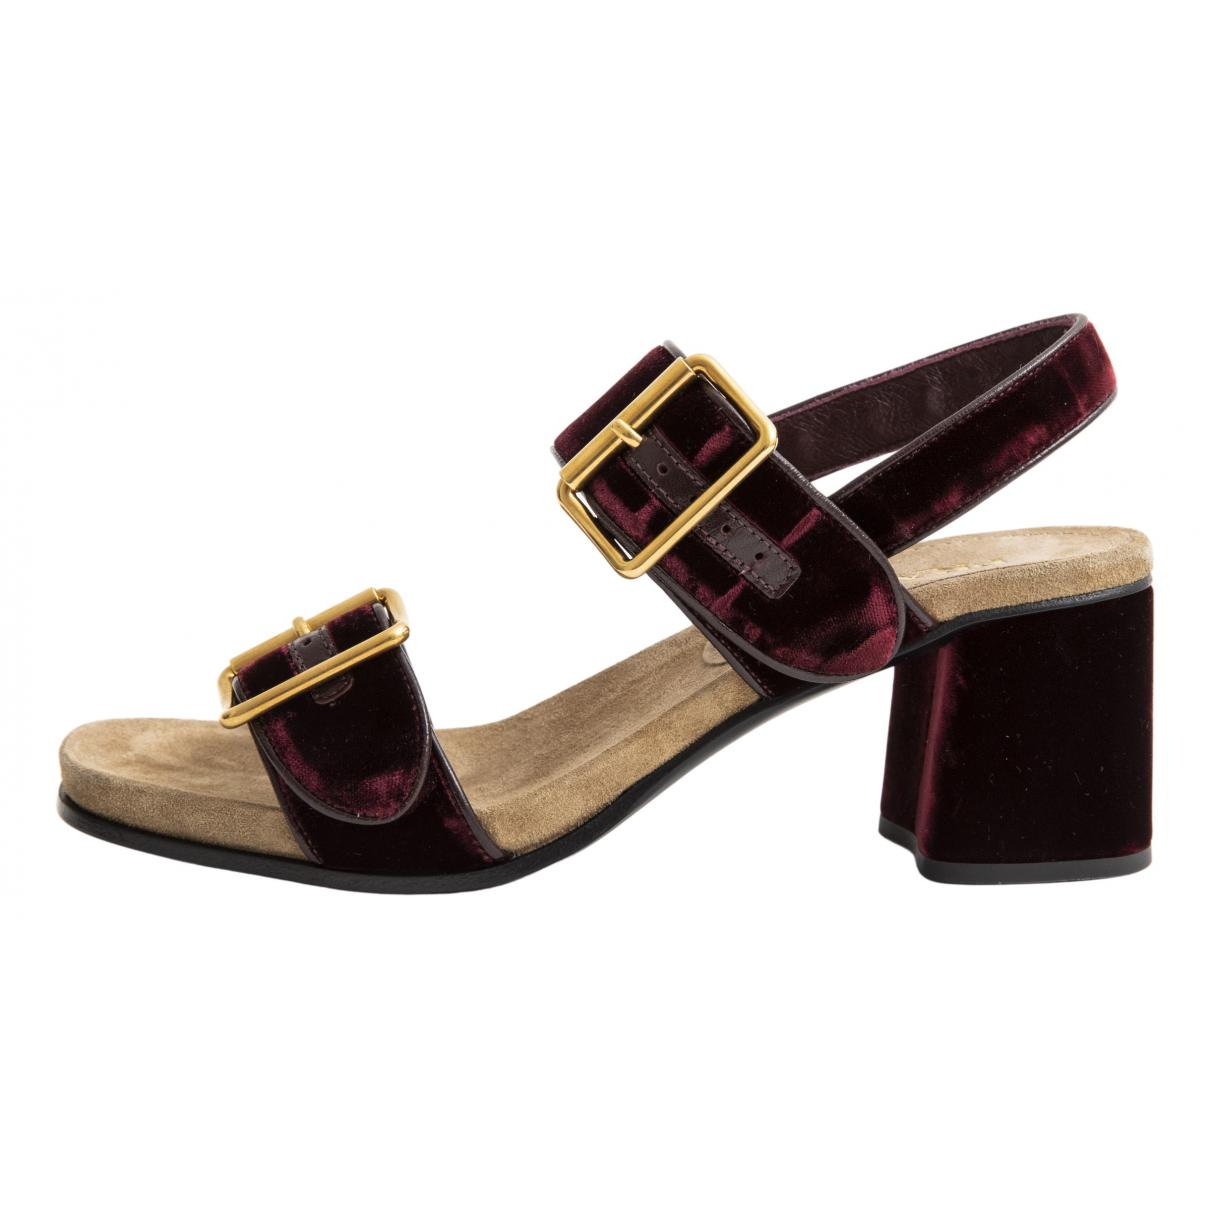 Sandalias romanas de Terciopelo Prada